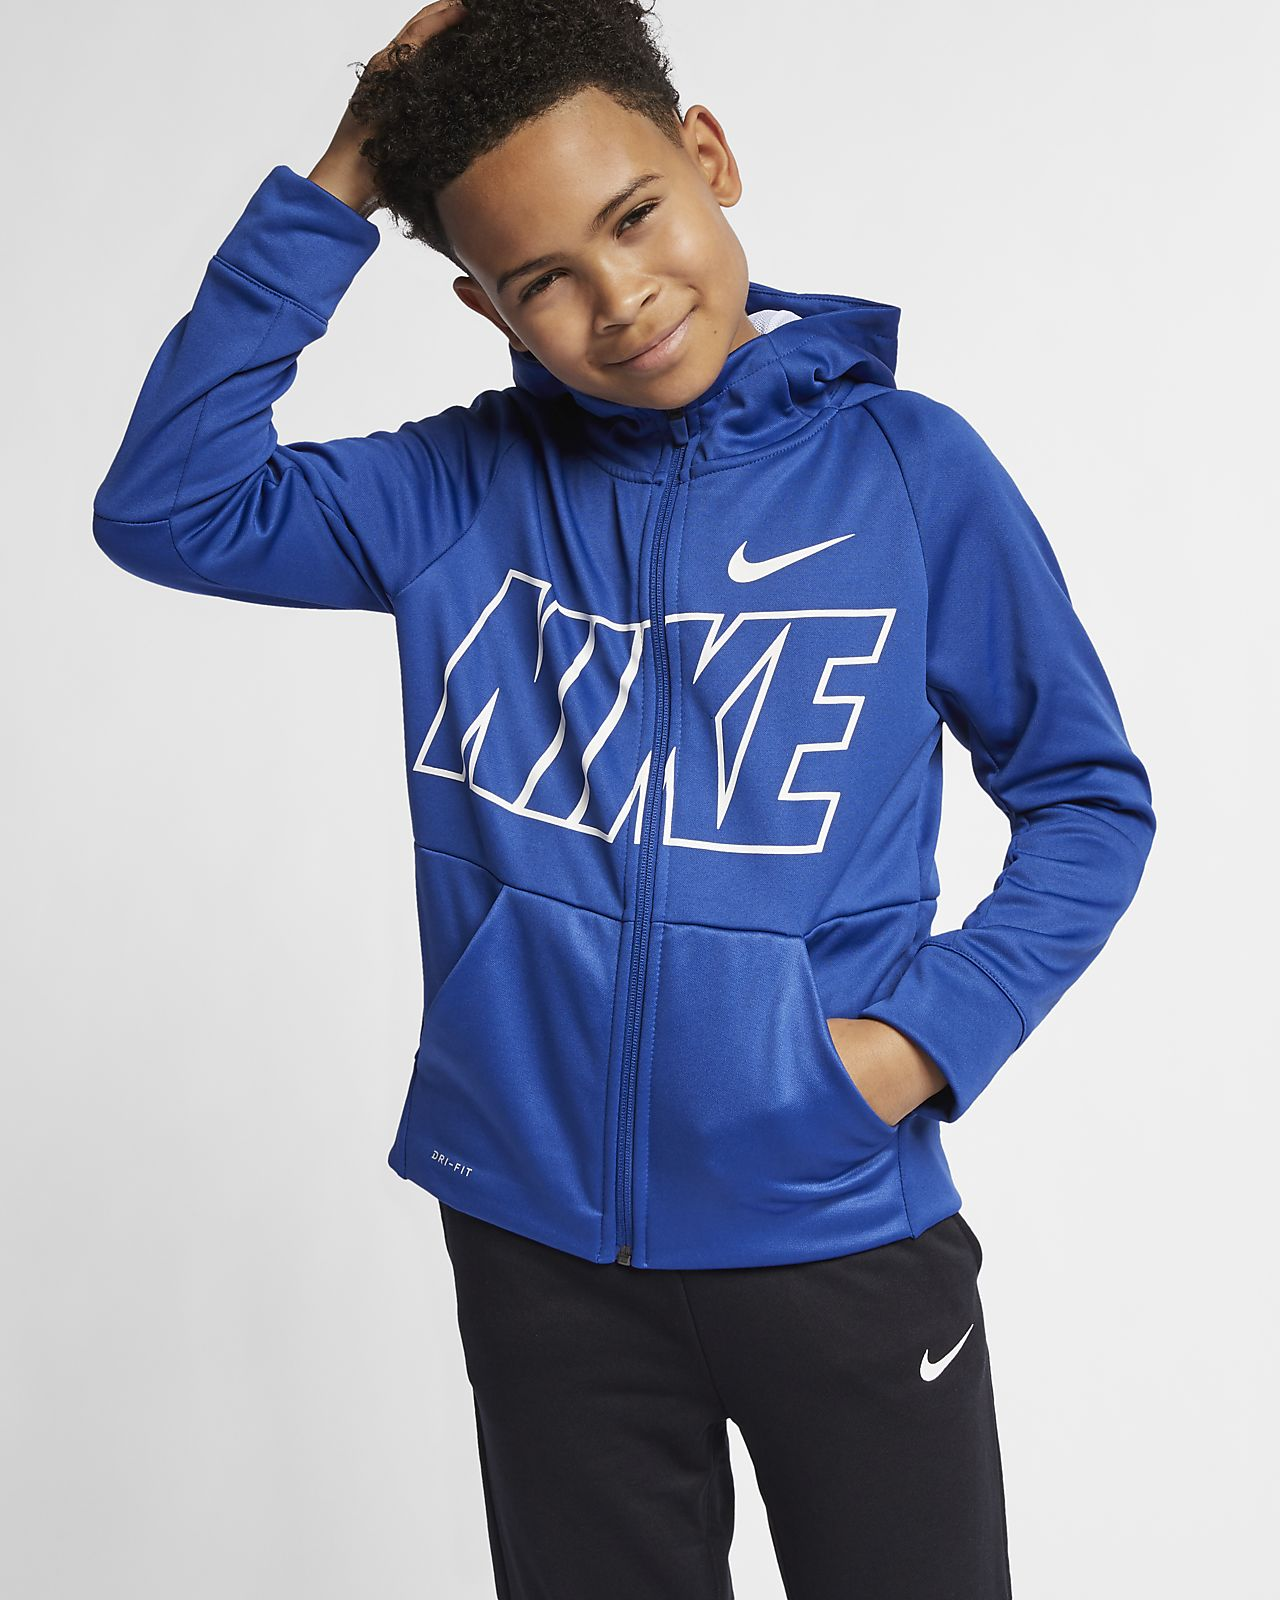 Nike Dri-FIT Therma Older Kids' (Boys') Full-Zip Training Hoodie